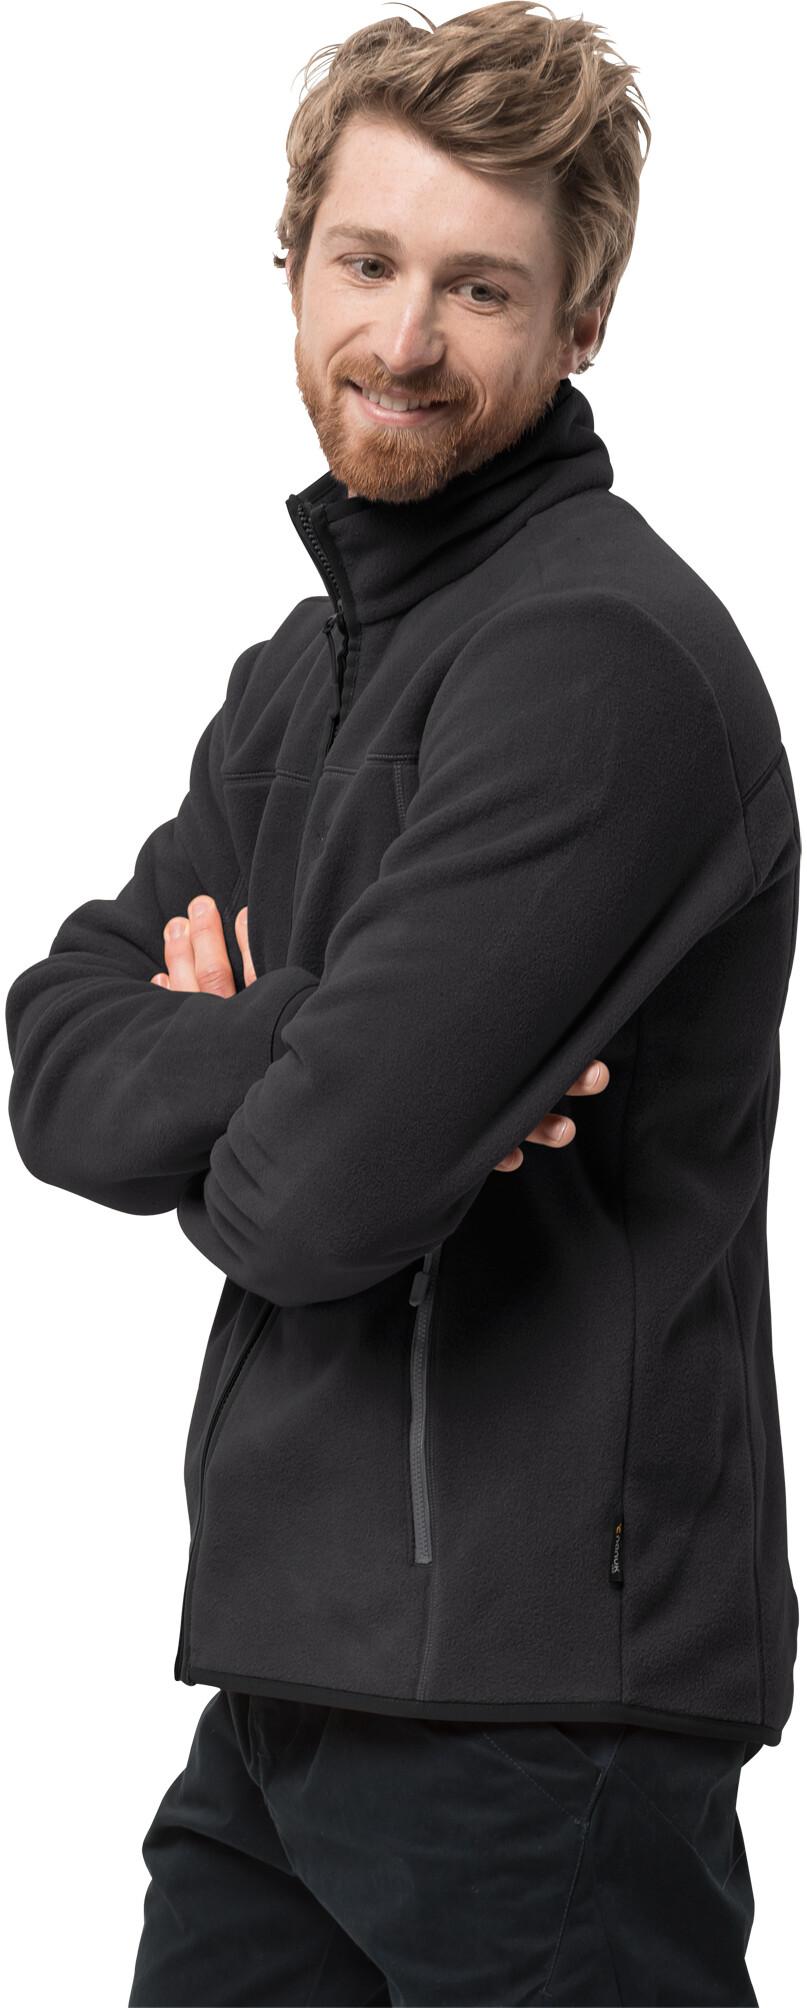 9500793cb0 Jack Wolfskin Moonshine Altis Jakke Herrer sort | Find outdoortøj ...